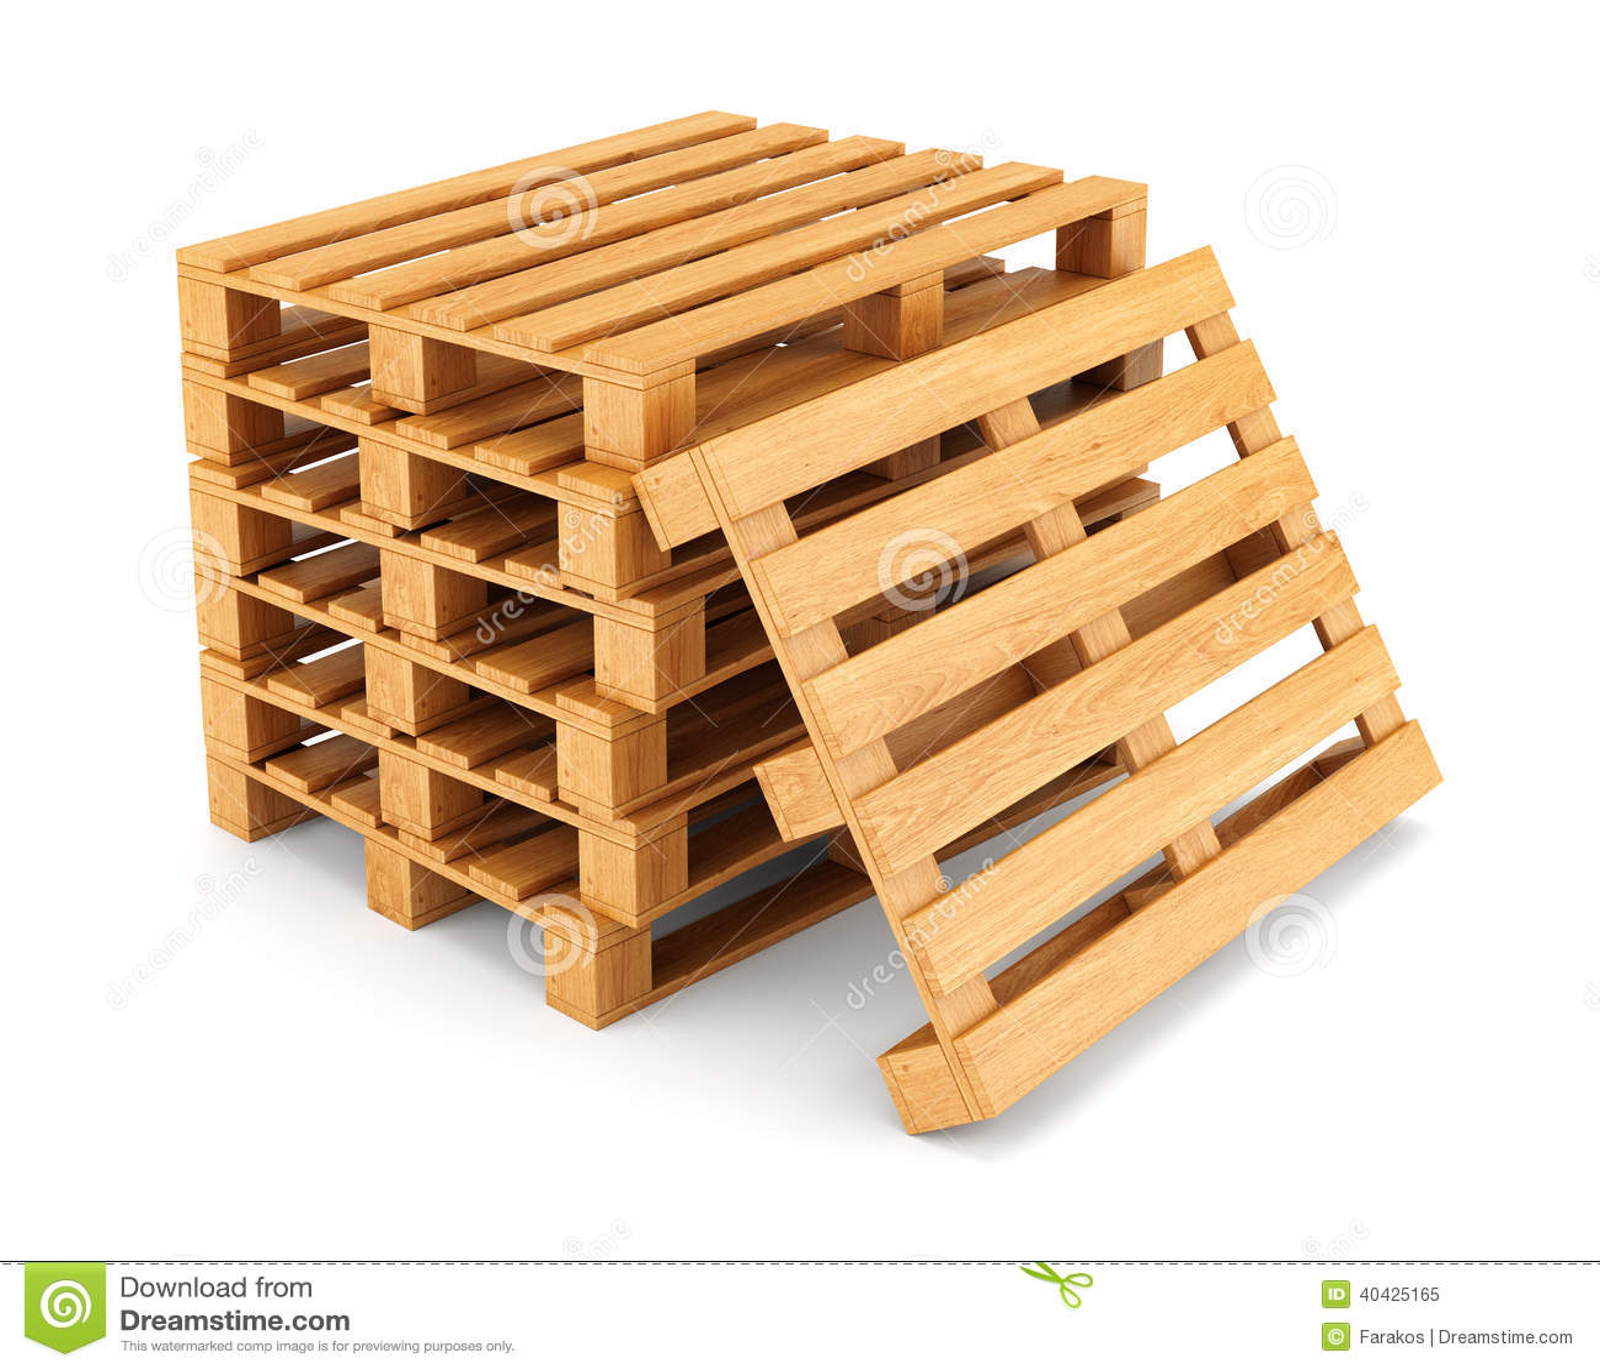 fabriquer un bac en bois id e int ressante pour la conception de meubles en bois qui inspire. Black Bedroom Furniture Sets. Home Design Ideas